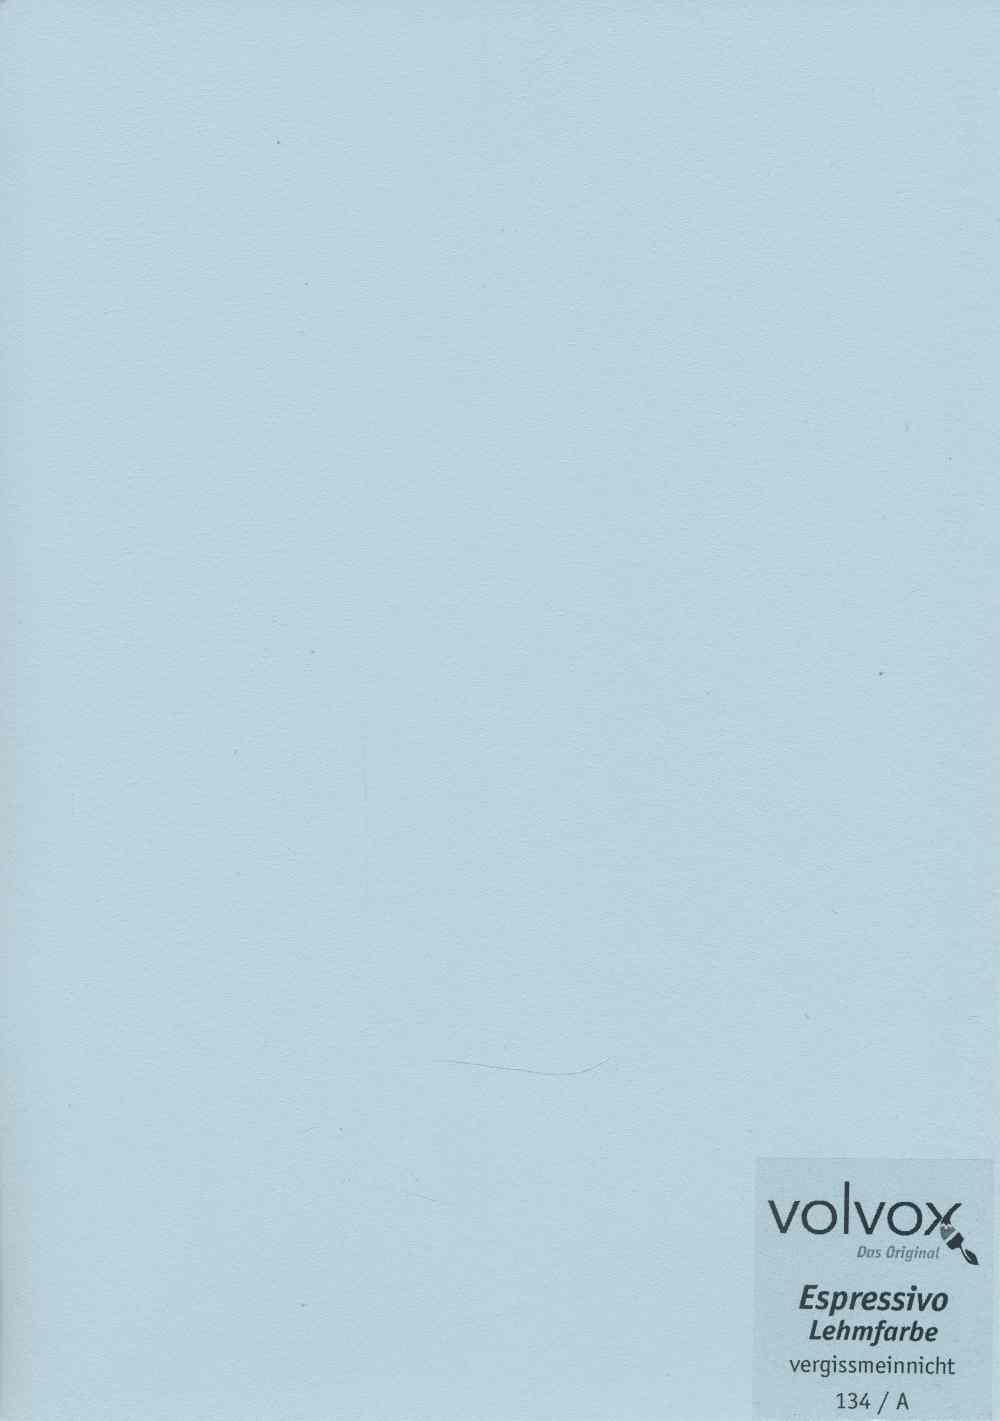 Volvox Espressivo Lehmfarbe 134 vergissmeinnicht